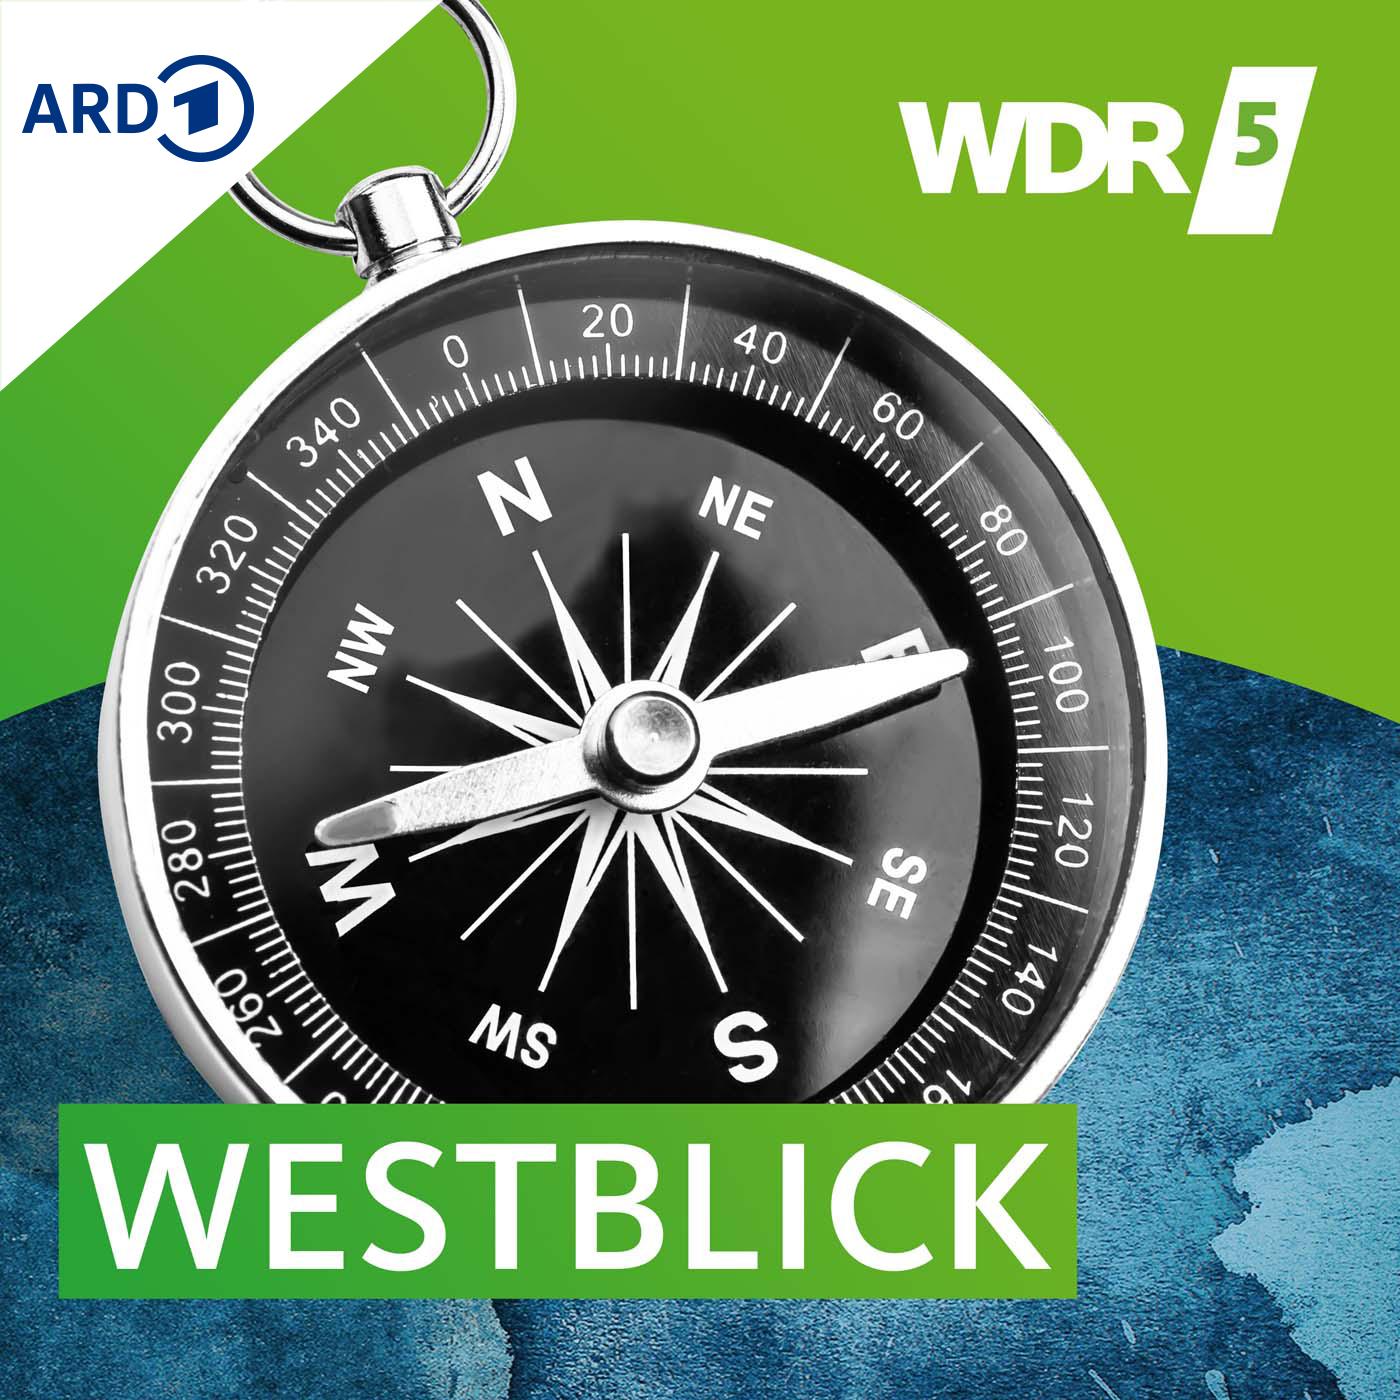 WDR 5 Westblick Ganze Sendung (08.07.2021)